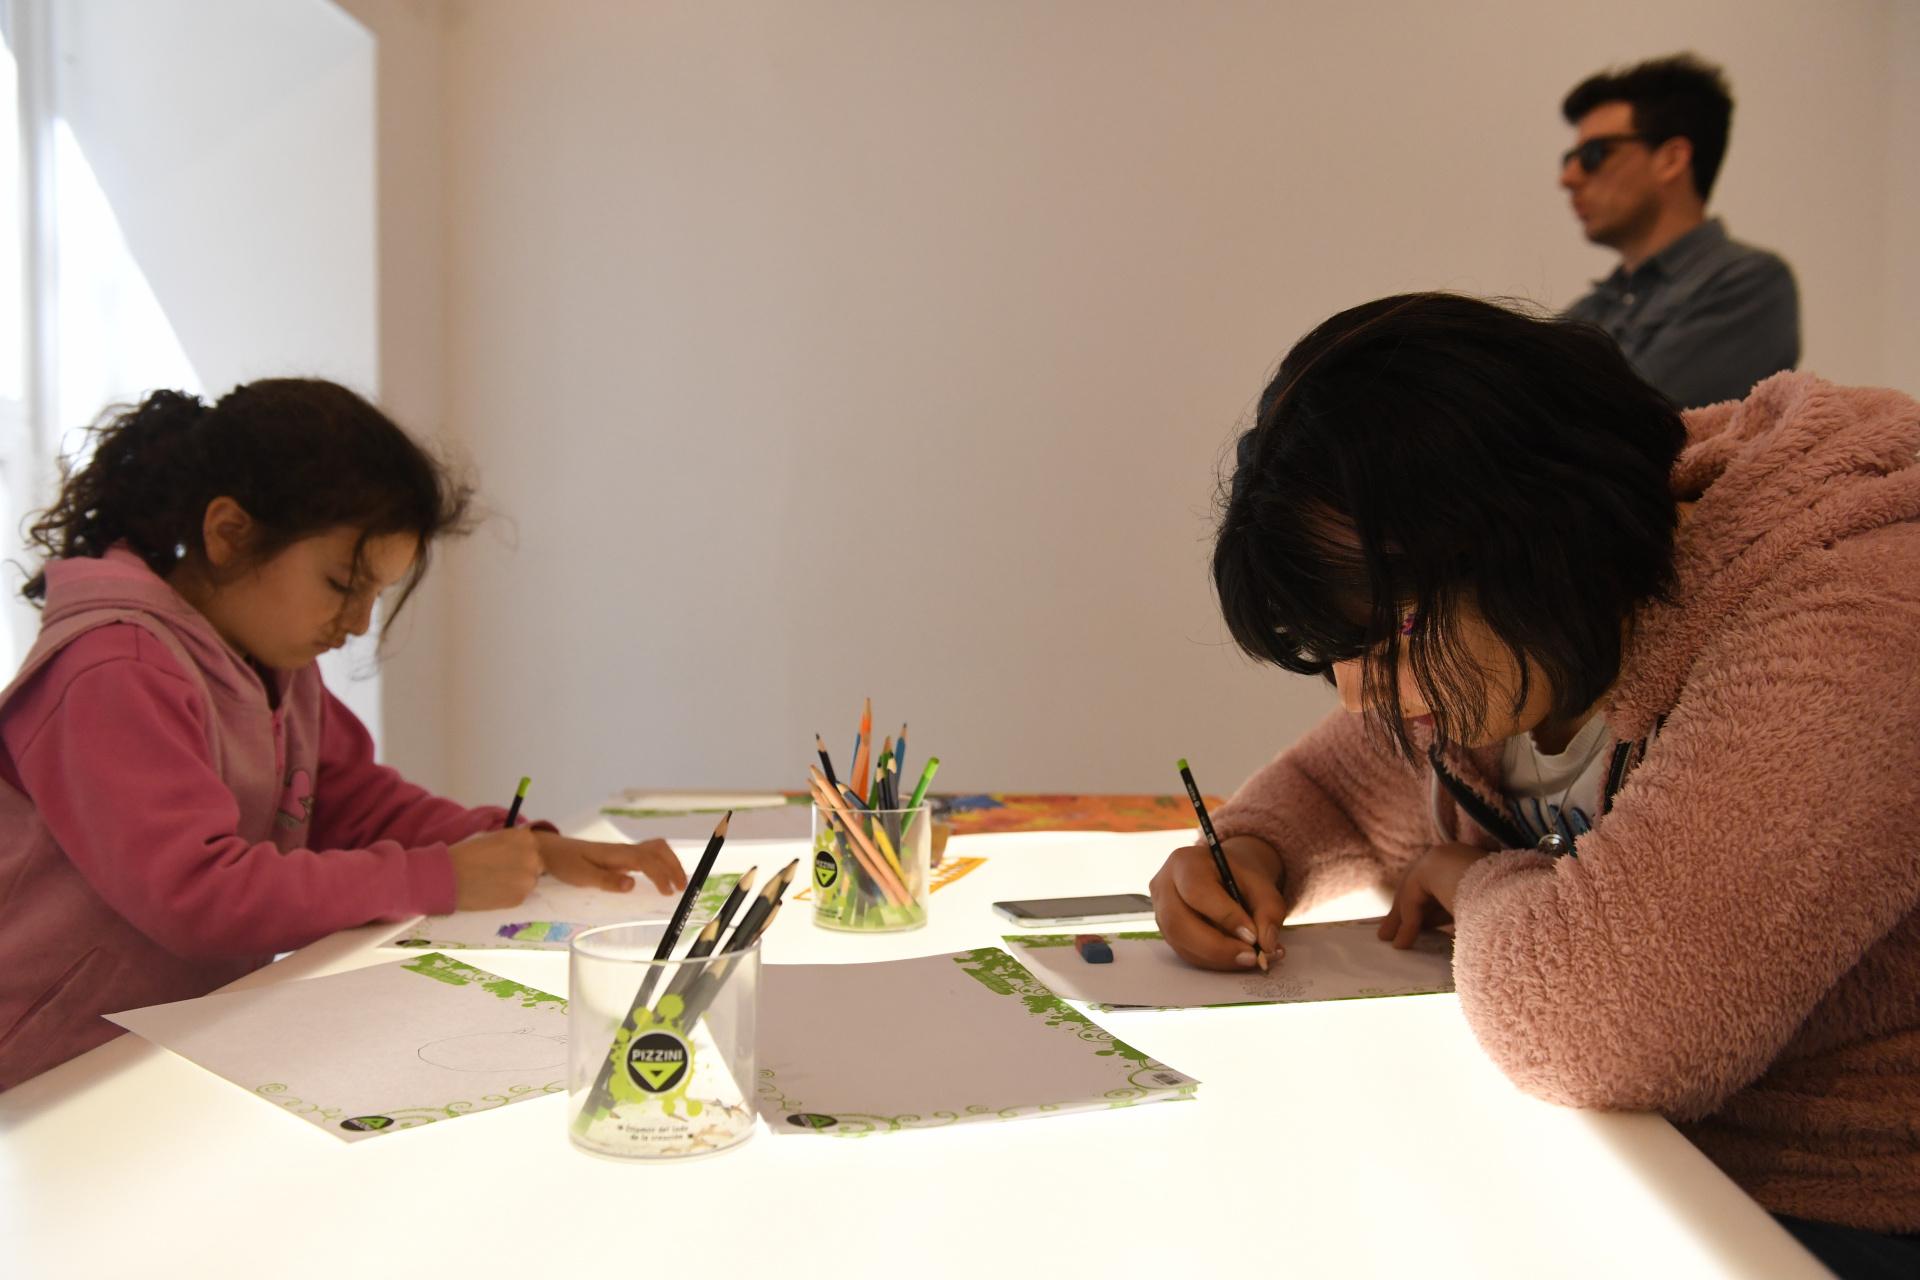 Para los más creativos también hay espacios de dibujo y pintura